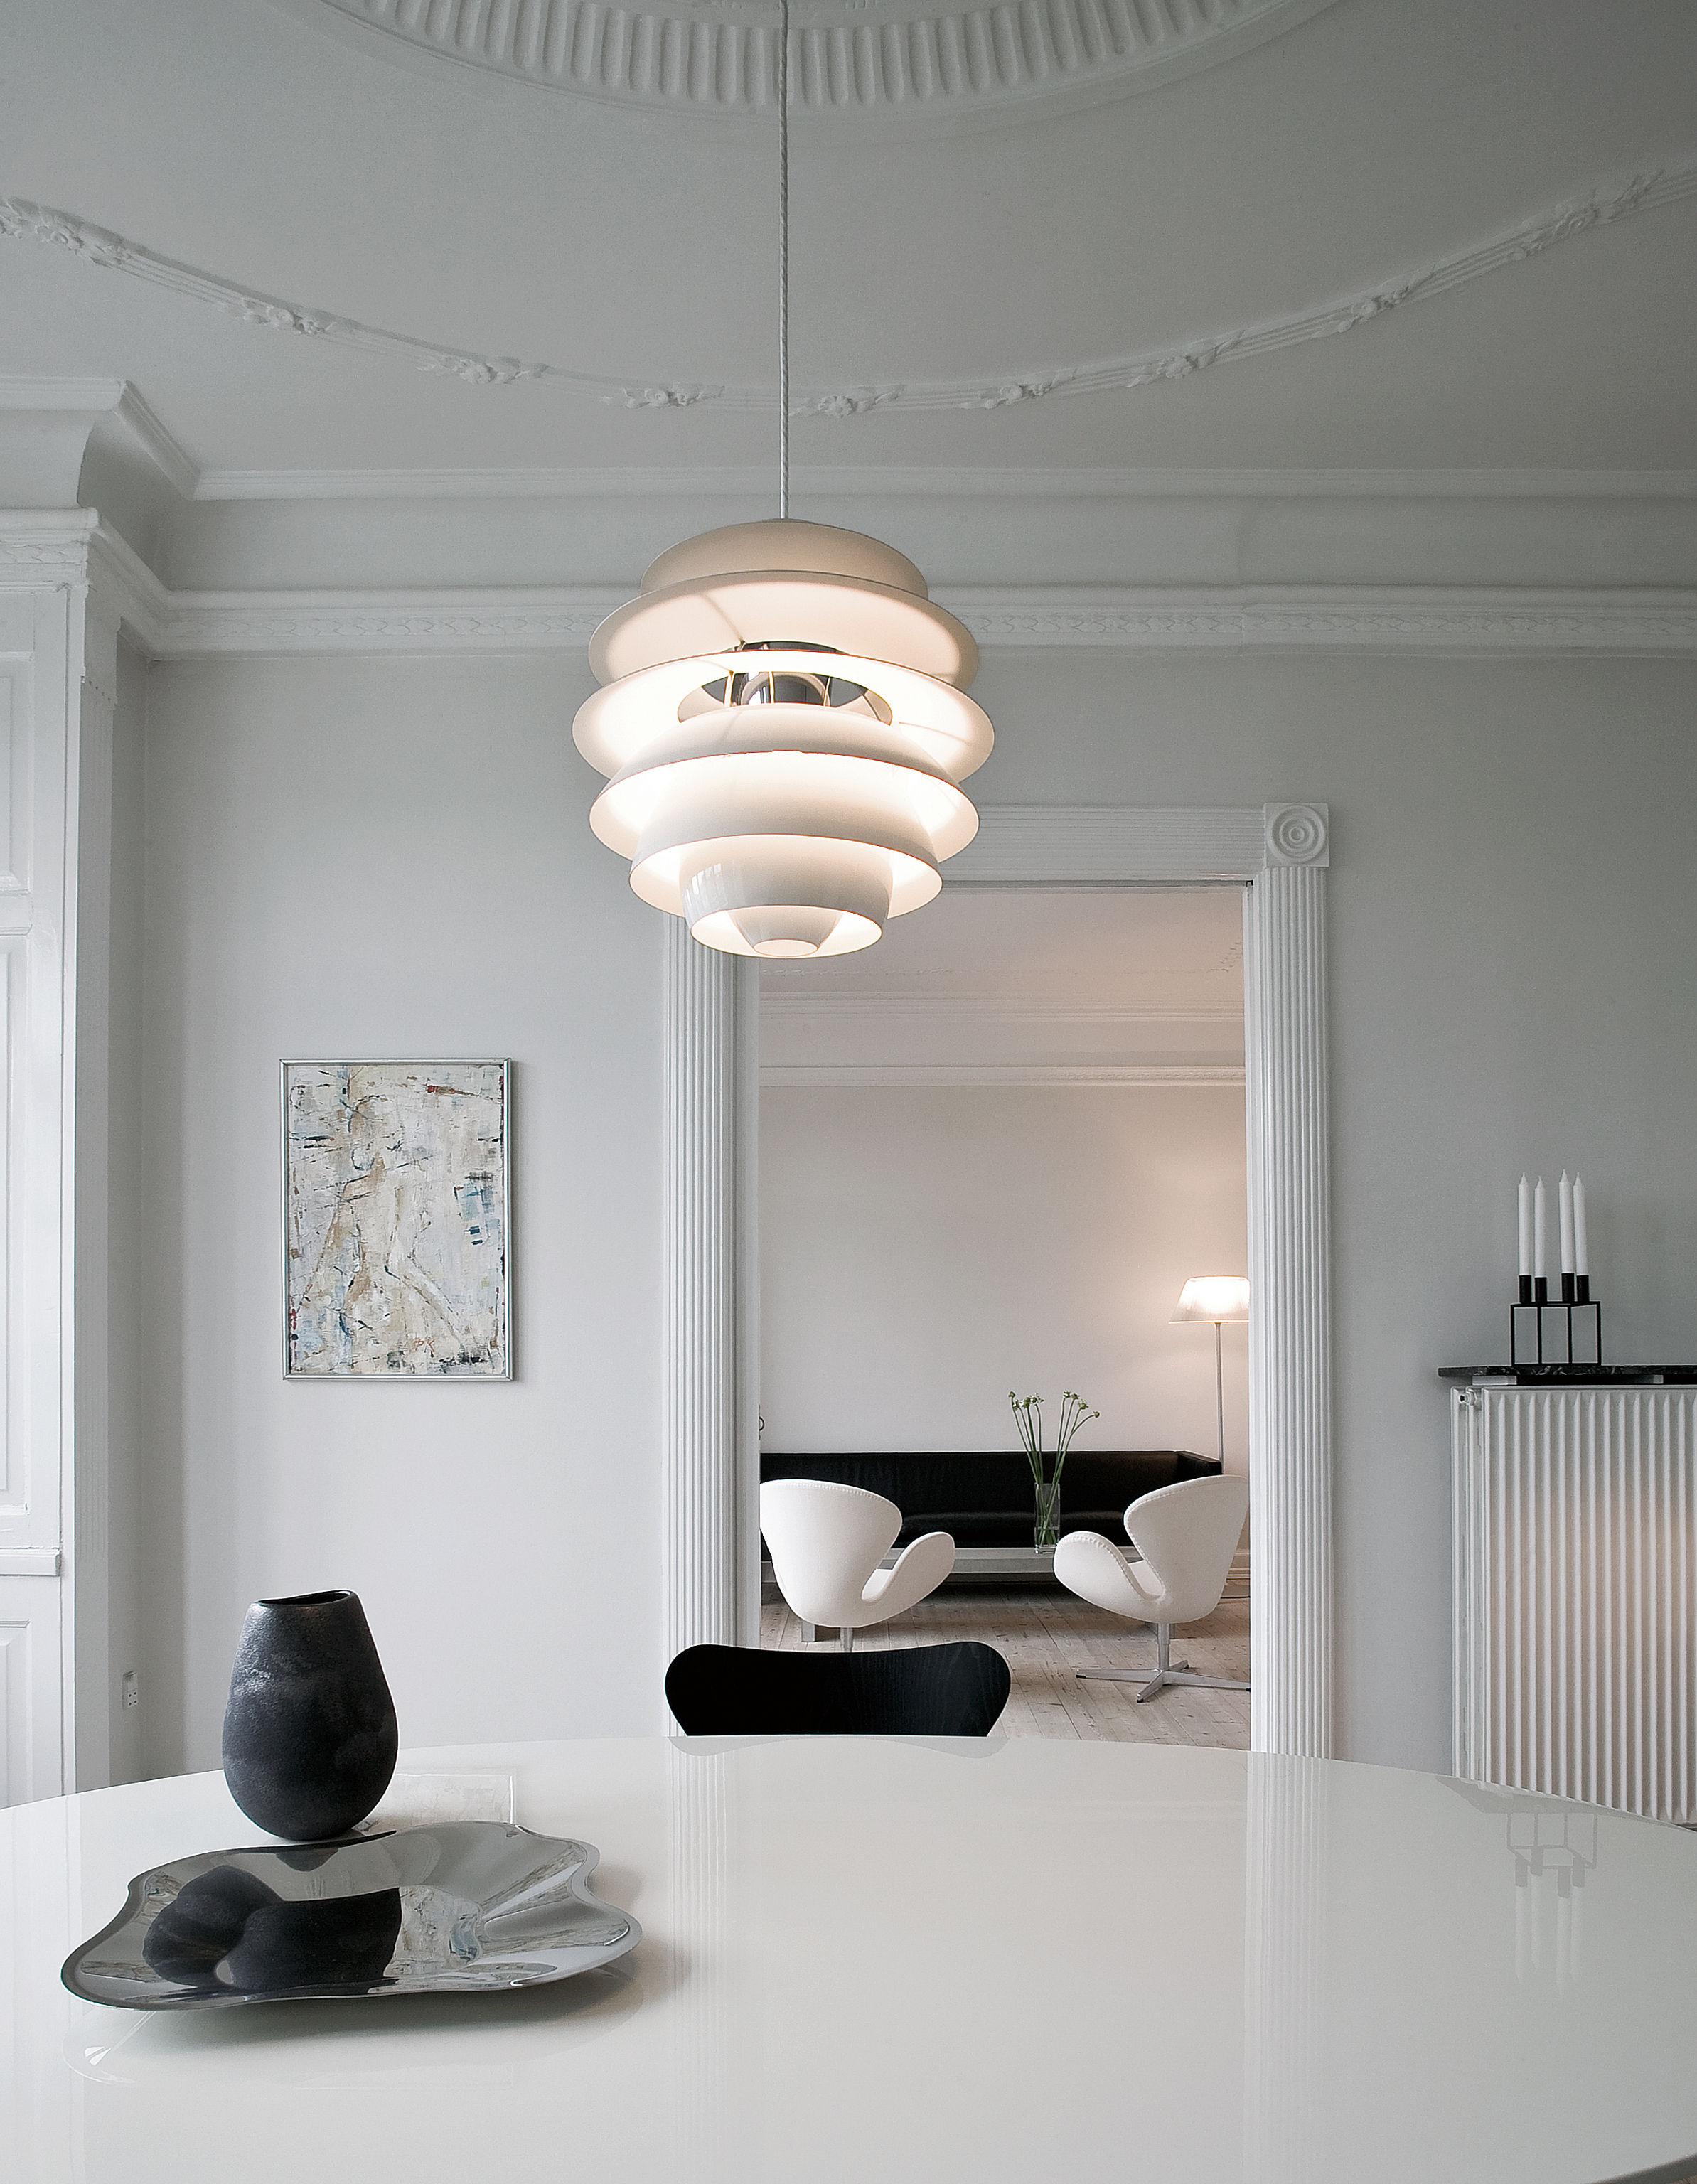 ph snowball louis poulsen pendelleuchte. Black Bedroom Furniture Sets. Home Design Ideas